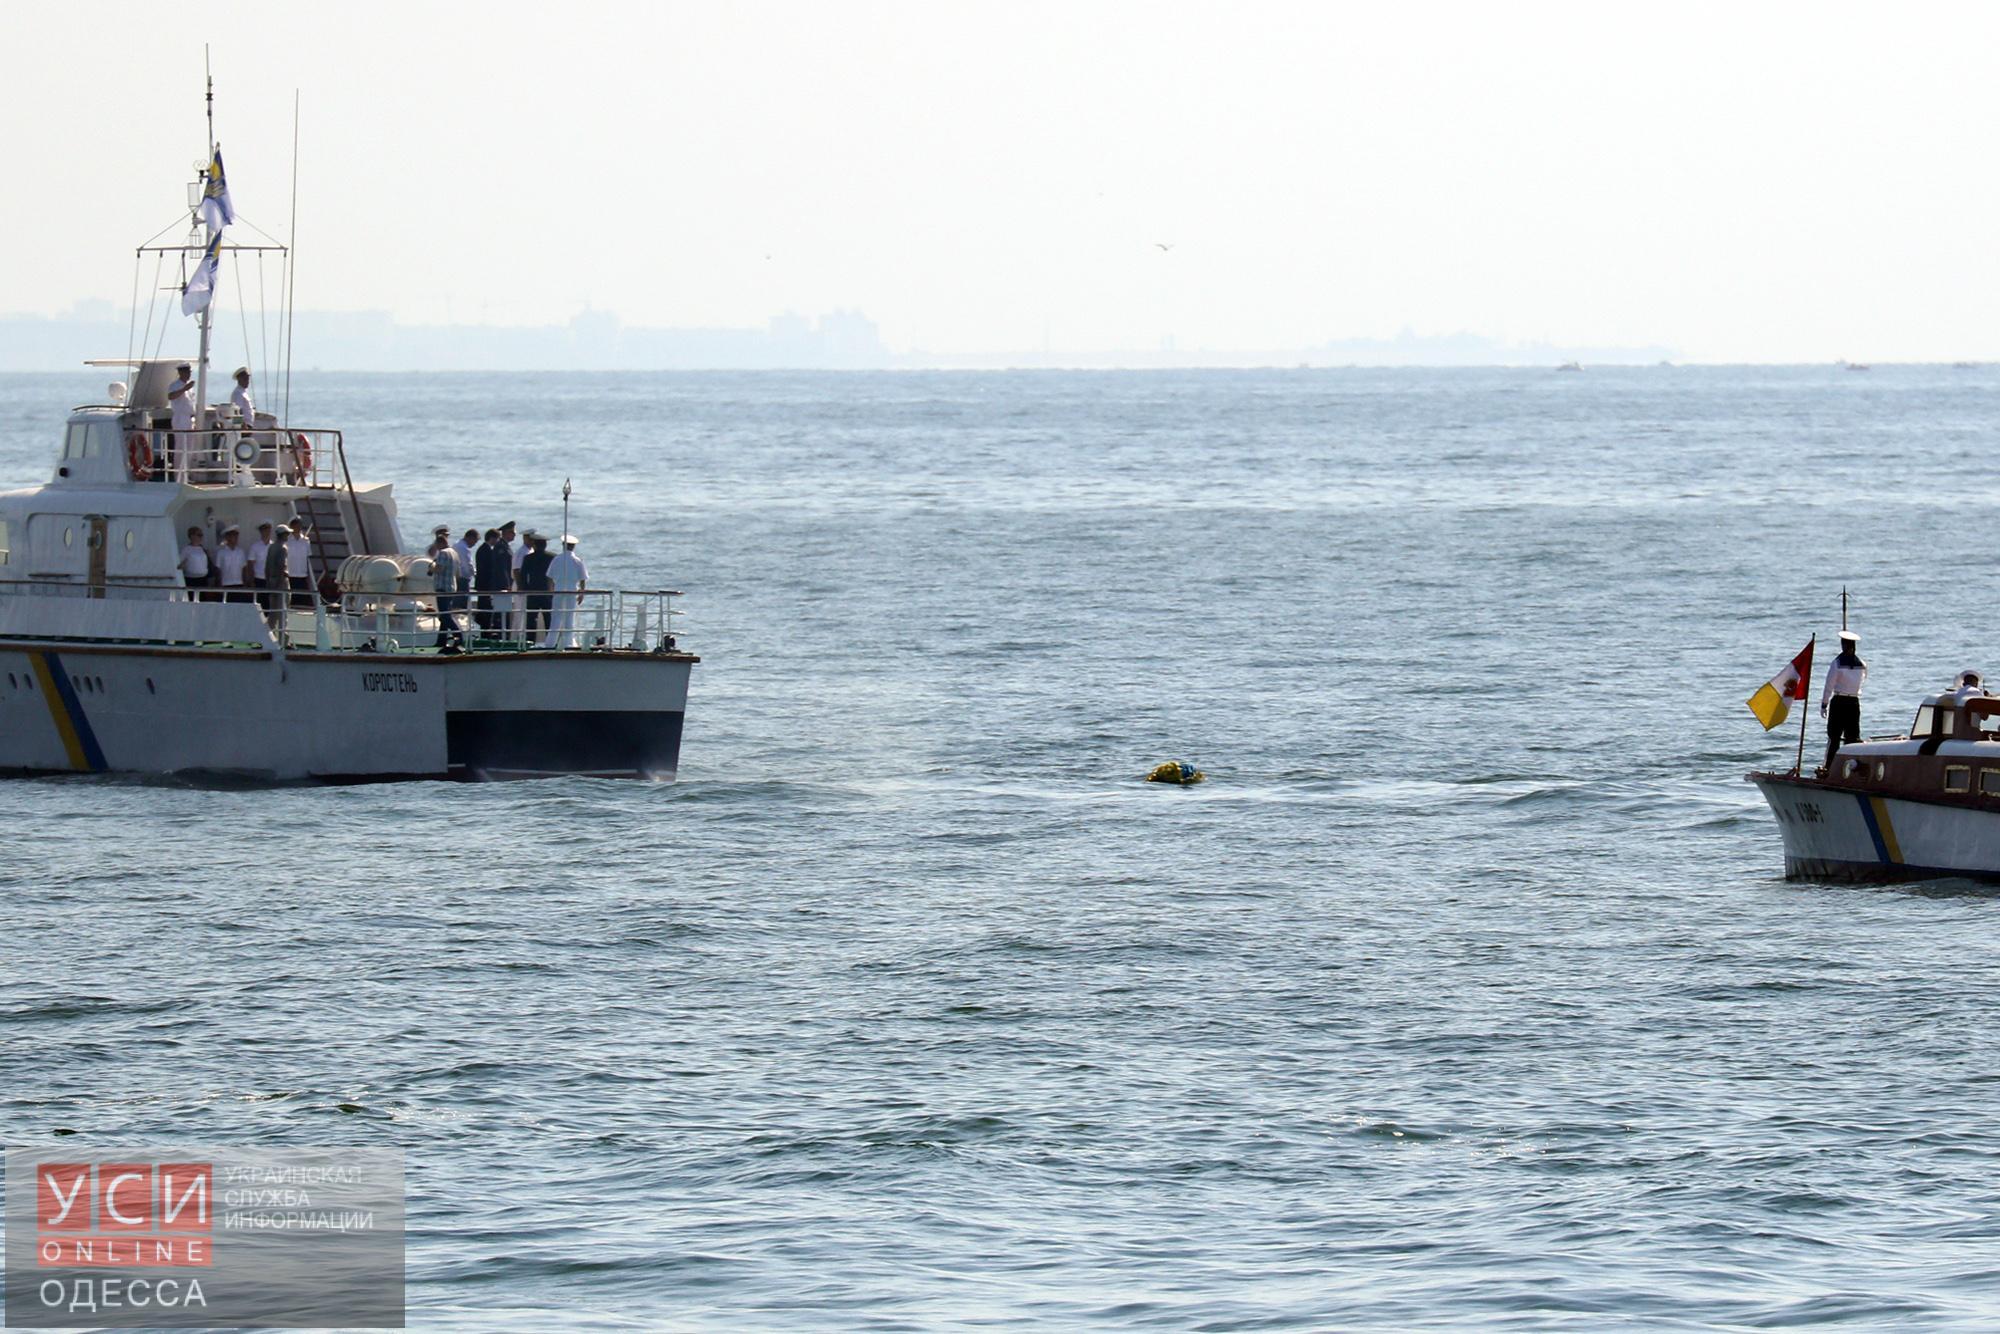 В Одессе отметили День Военно-морских сил Украины (фоторепортаж)